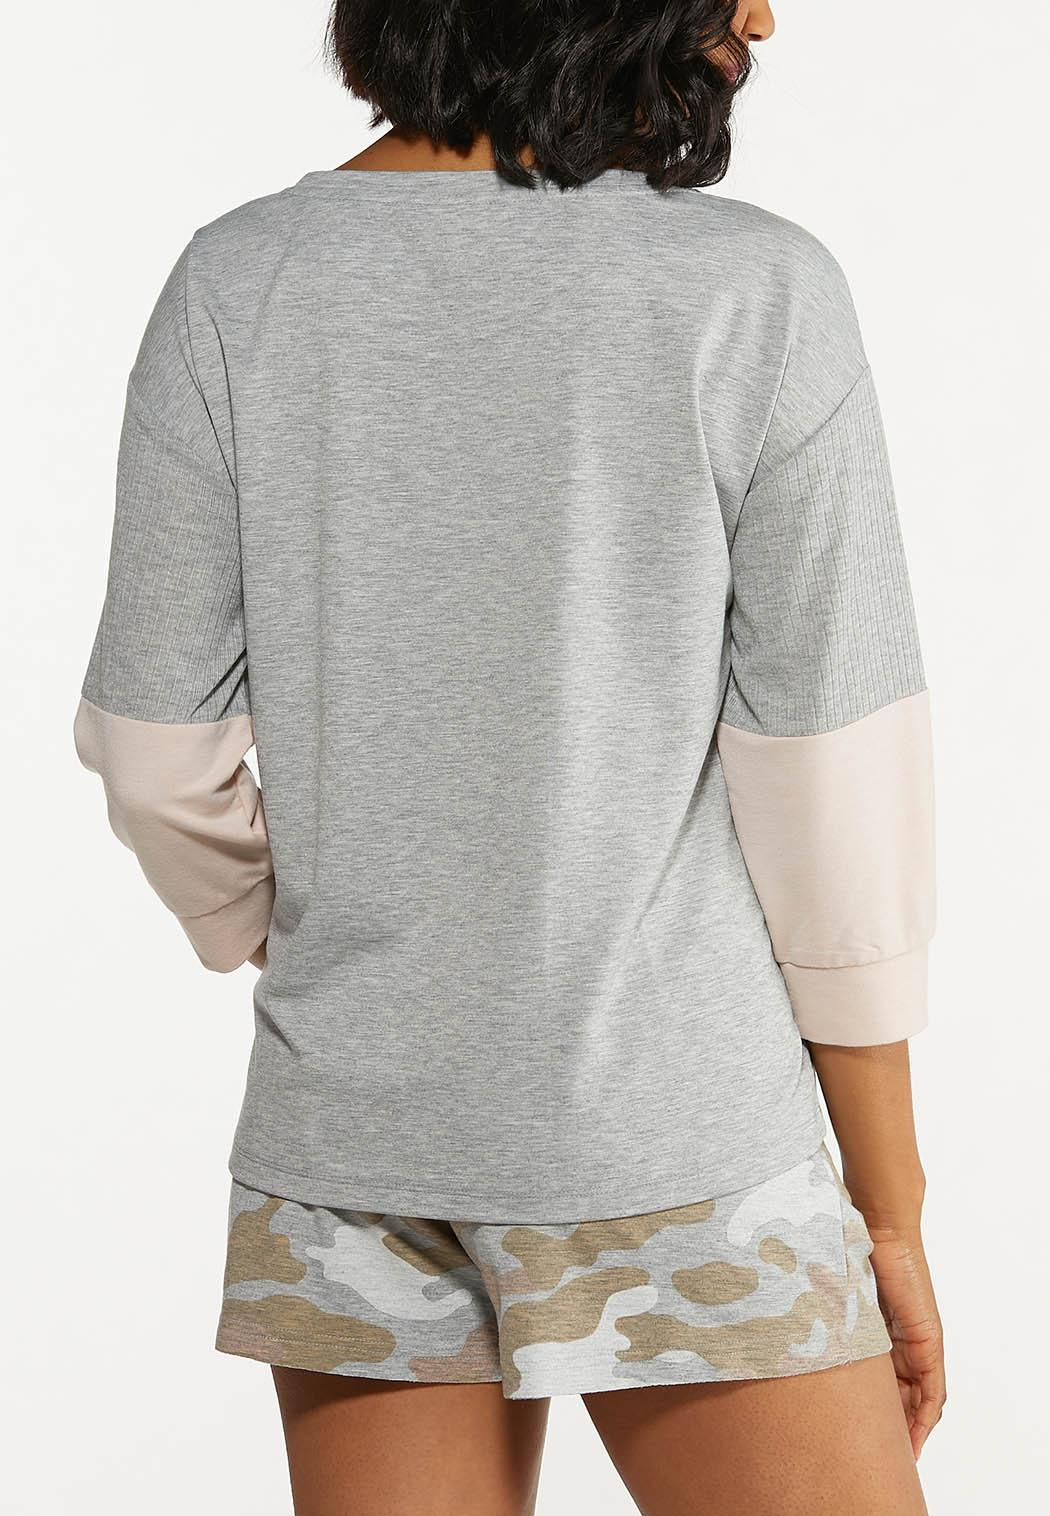 Plus Size Colorblock Camo Top (Item #44615462)